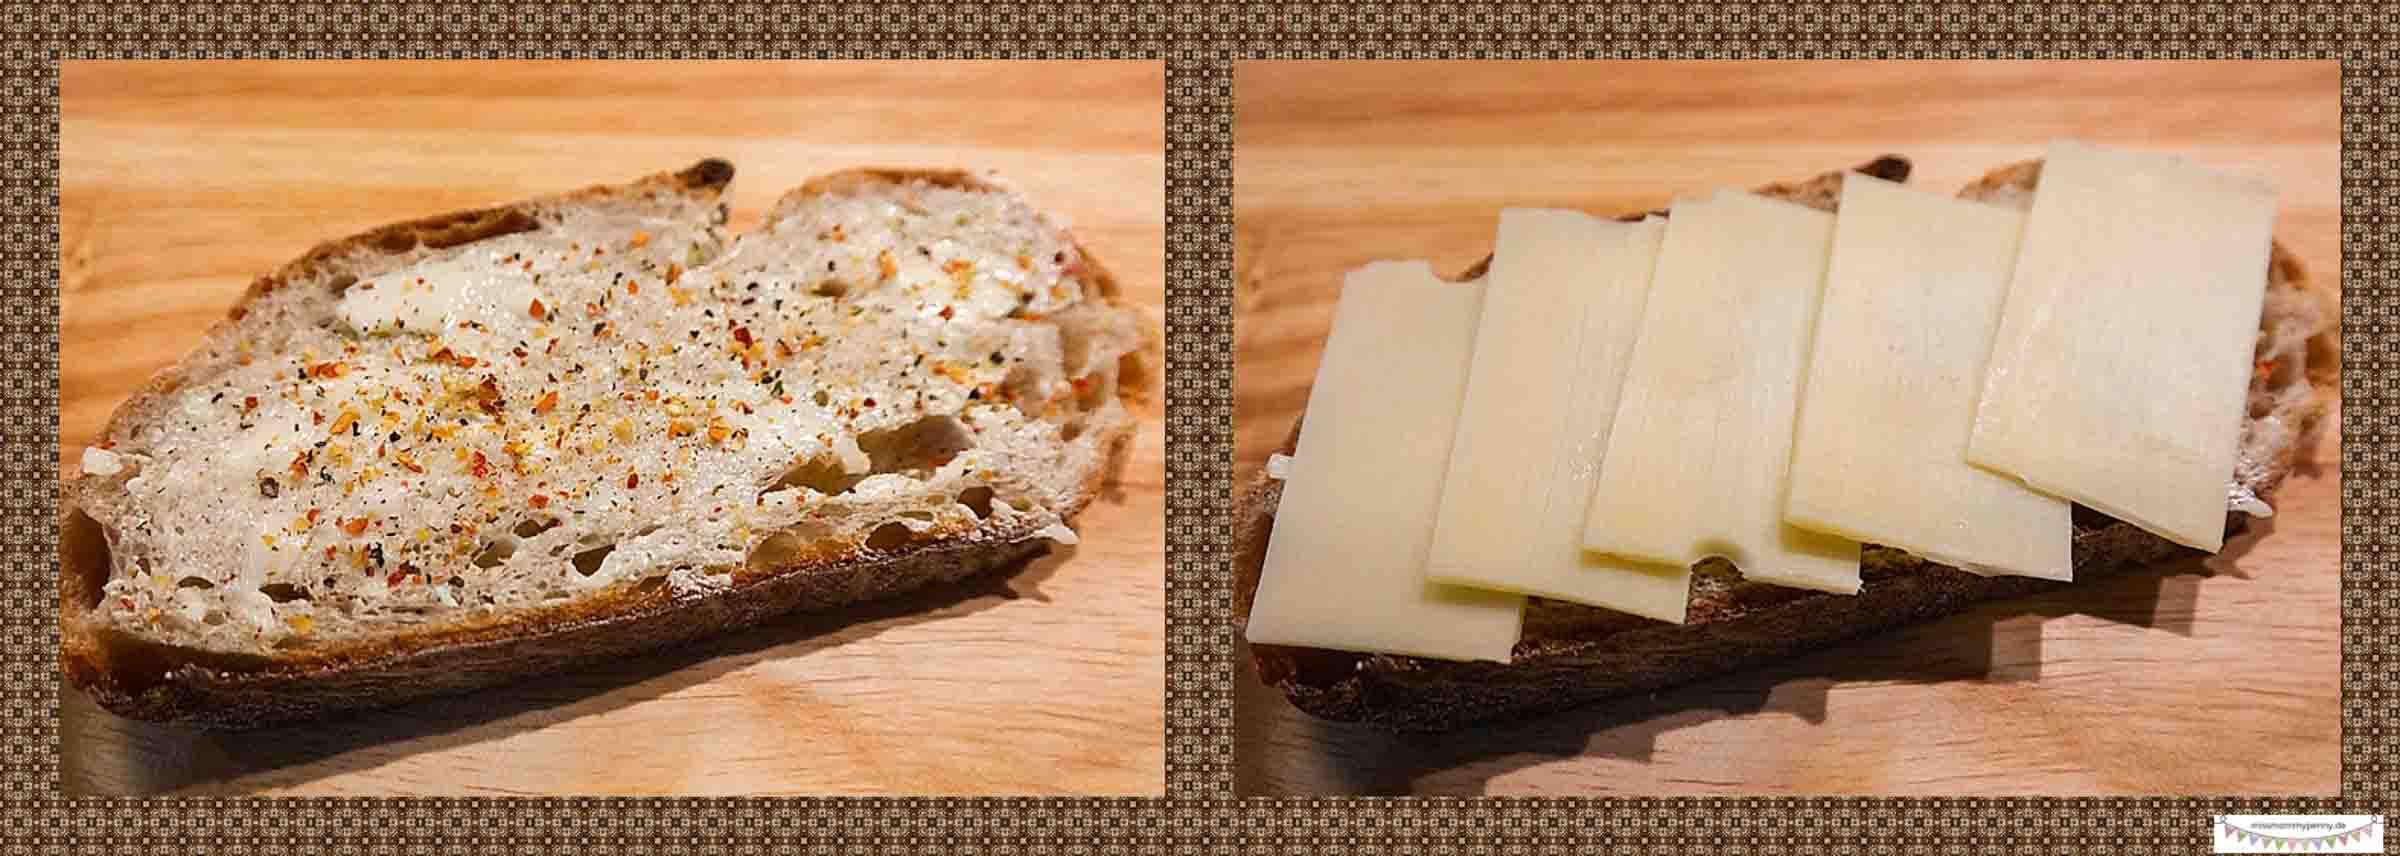 Brot als Beilage